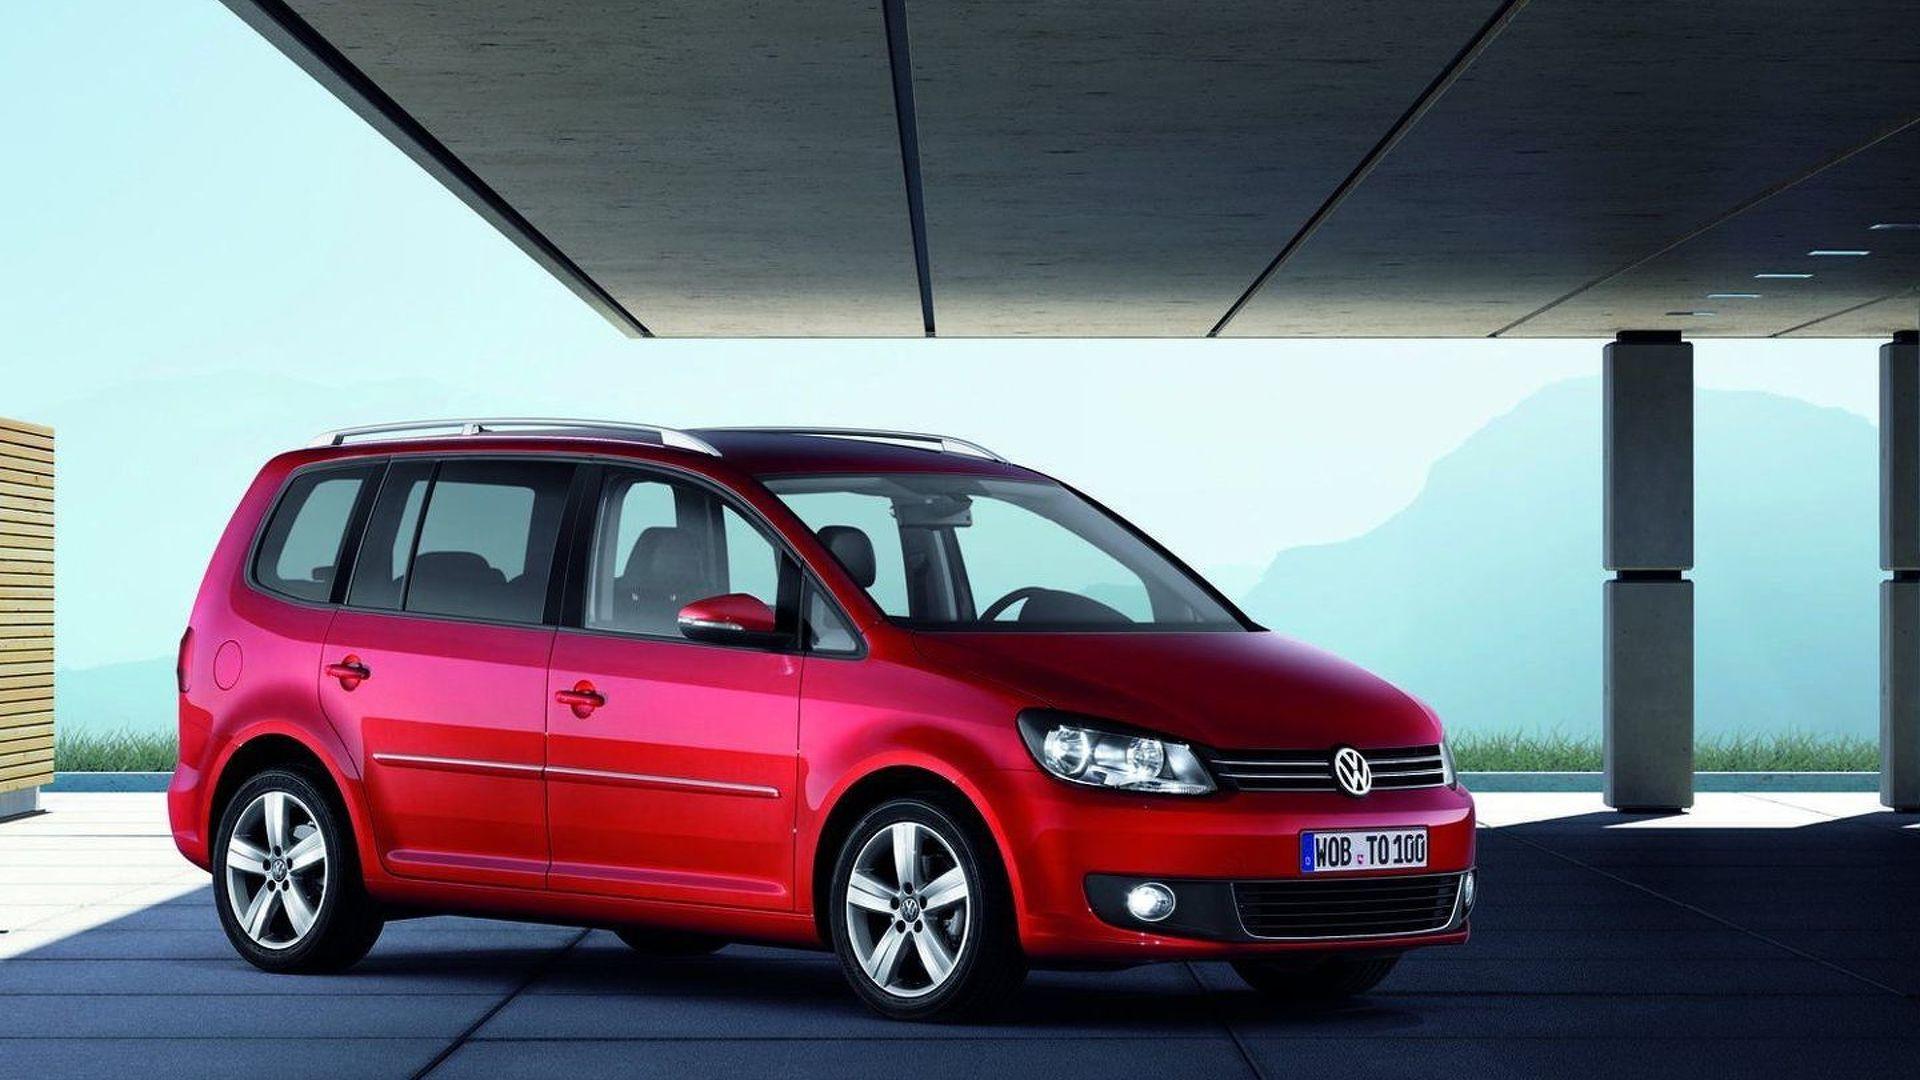 2014 Volkswagen Touran comes into focus - rumors